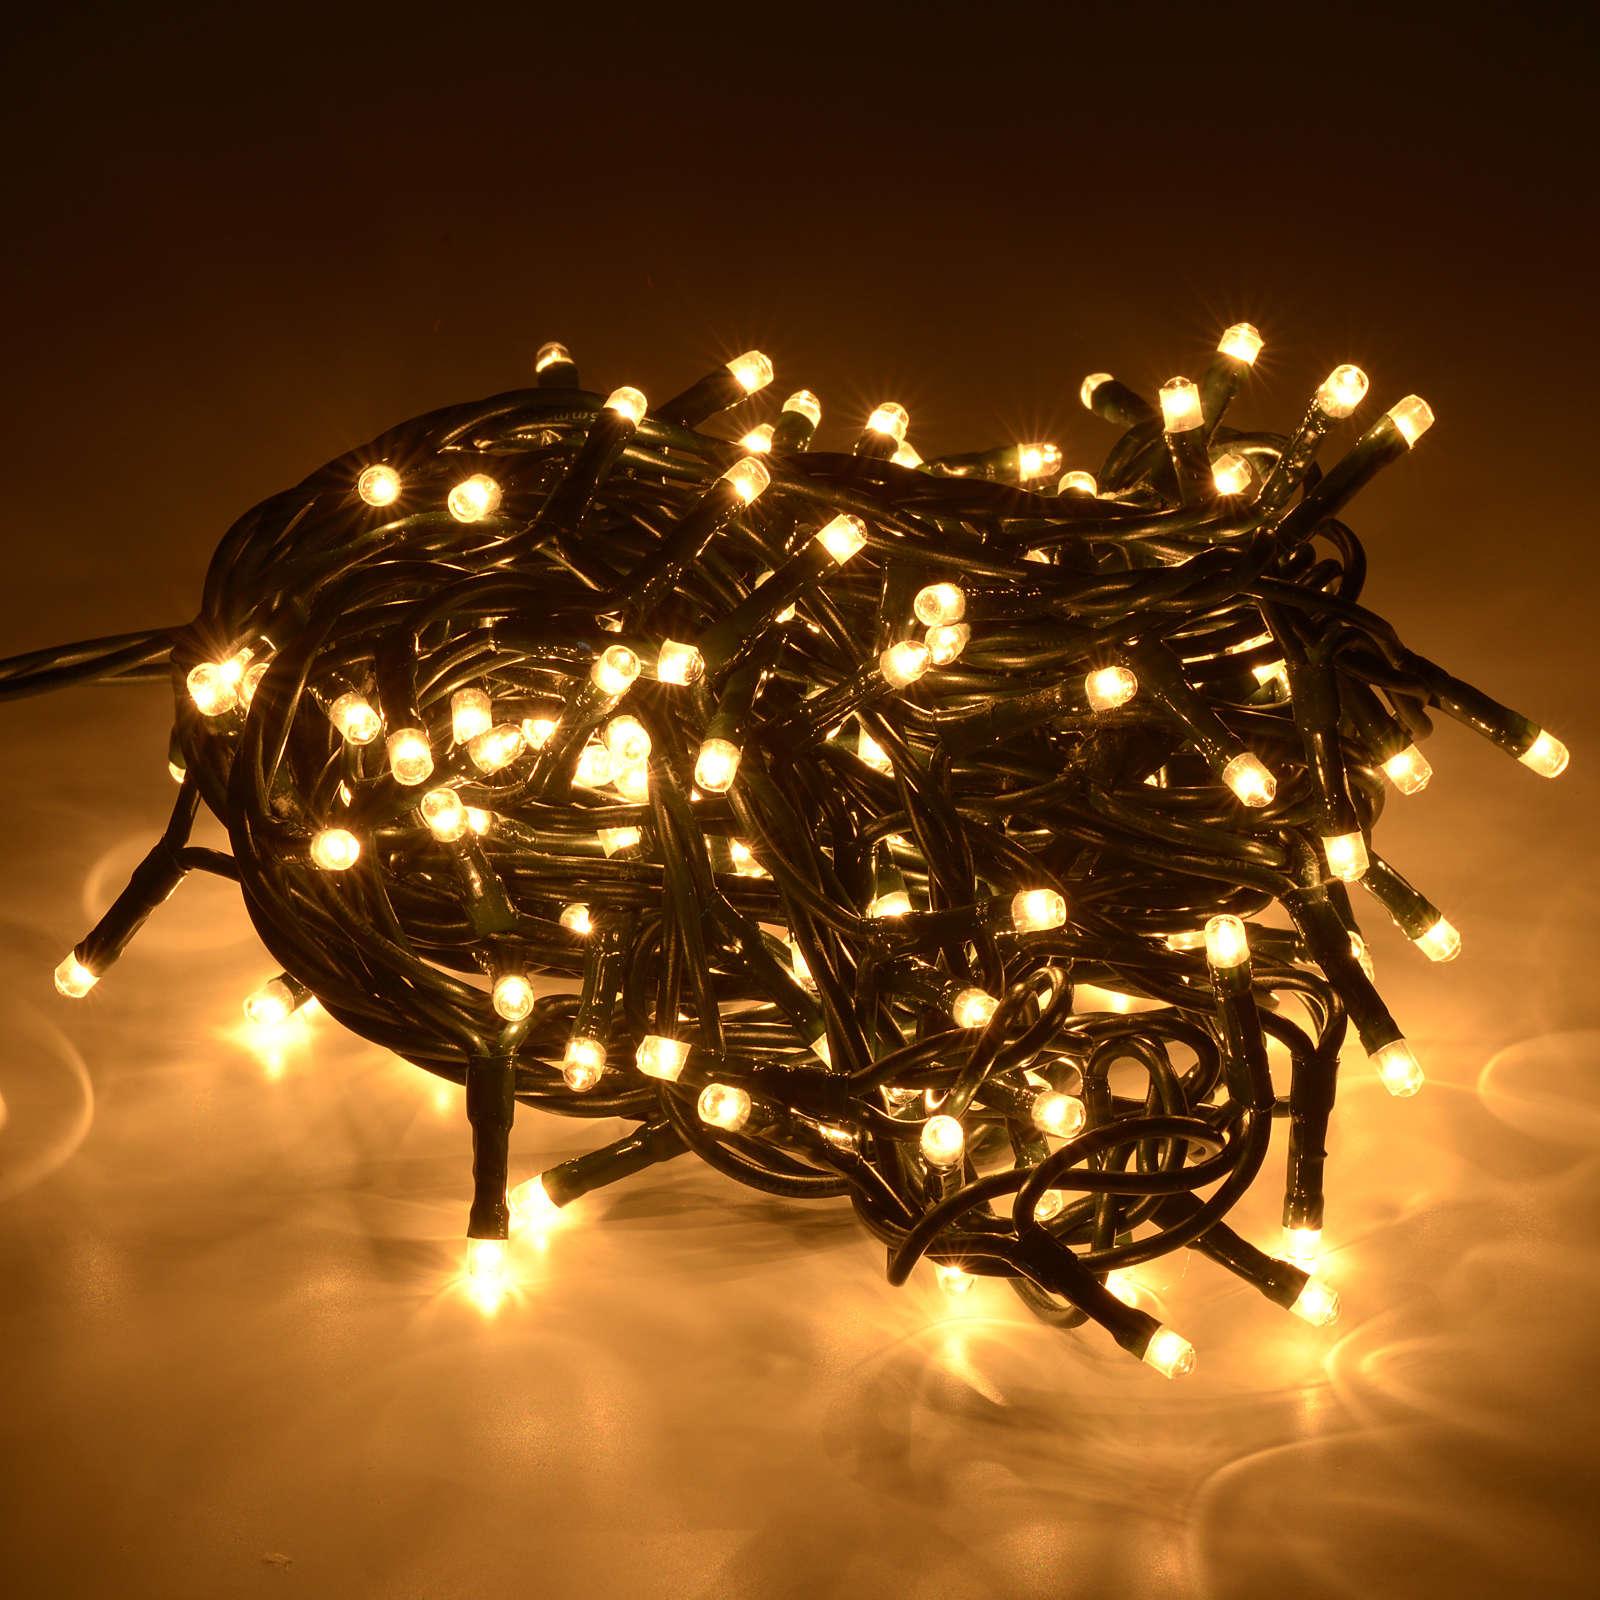 Weihnachtslichter 180 Minilichter warmweiß für Innengebrauch 3